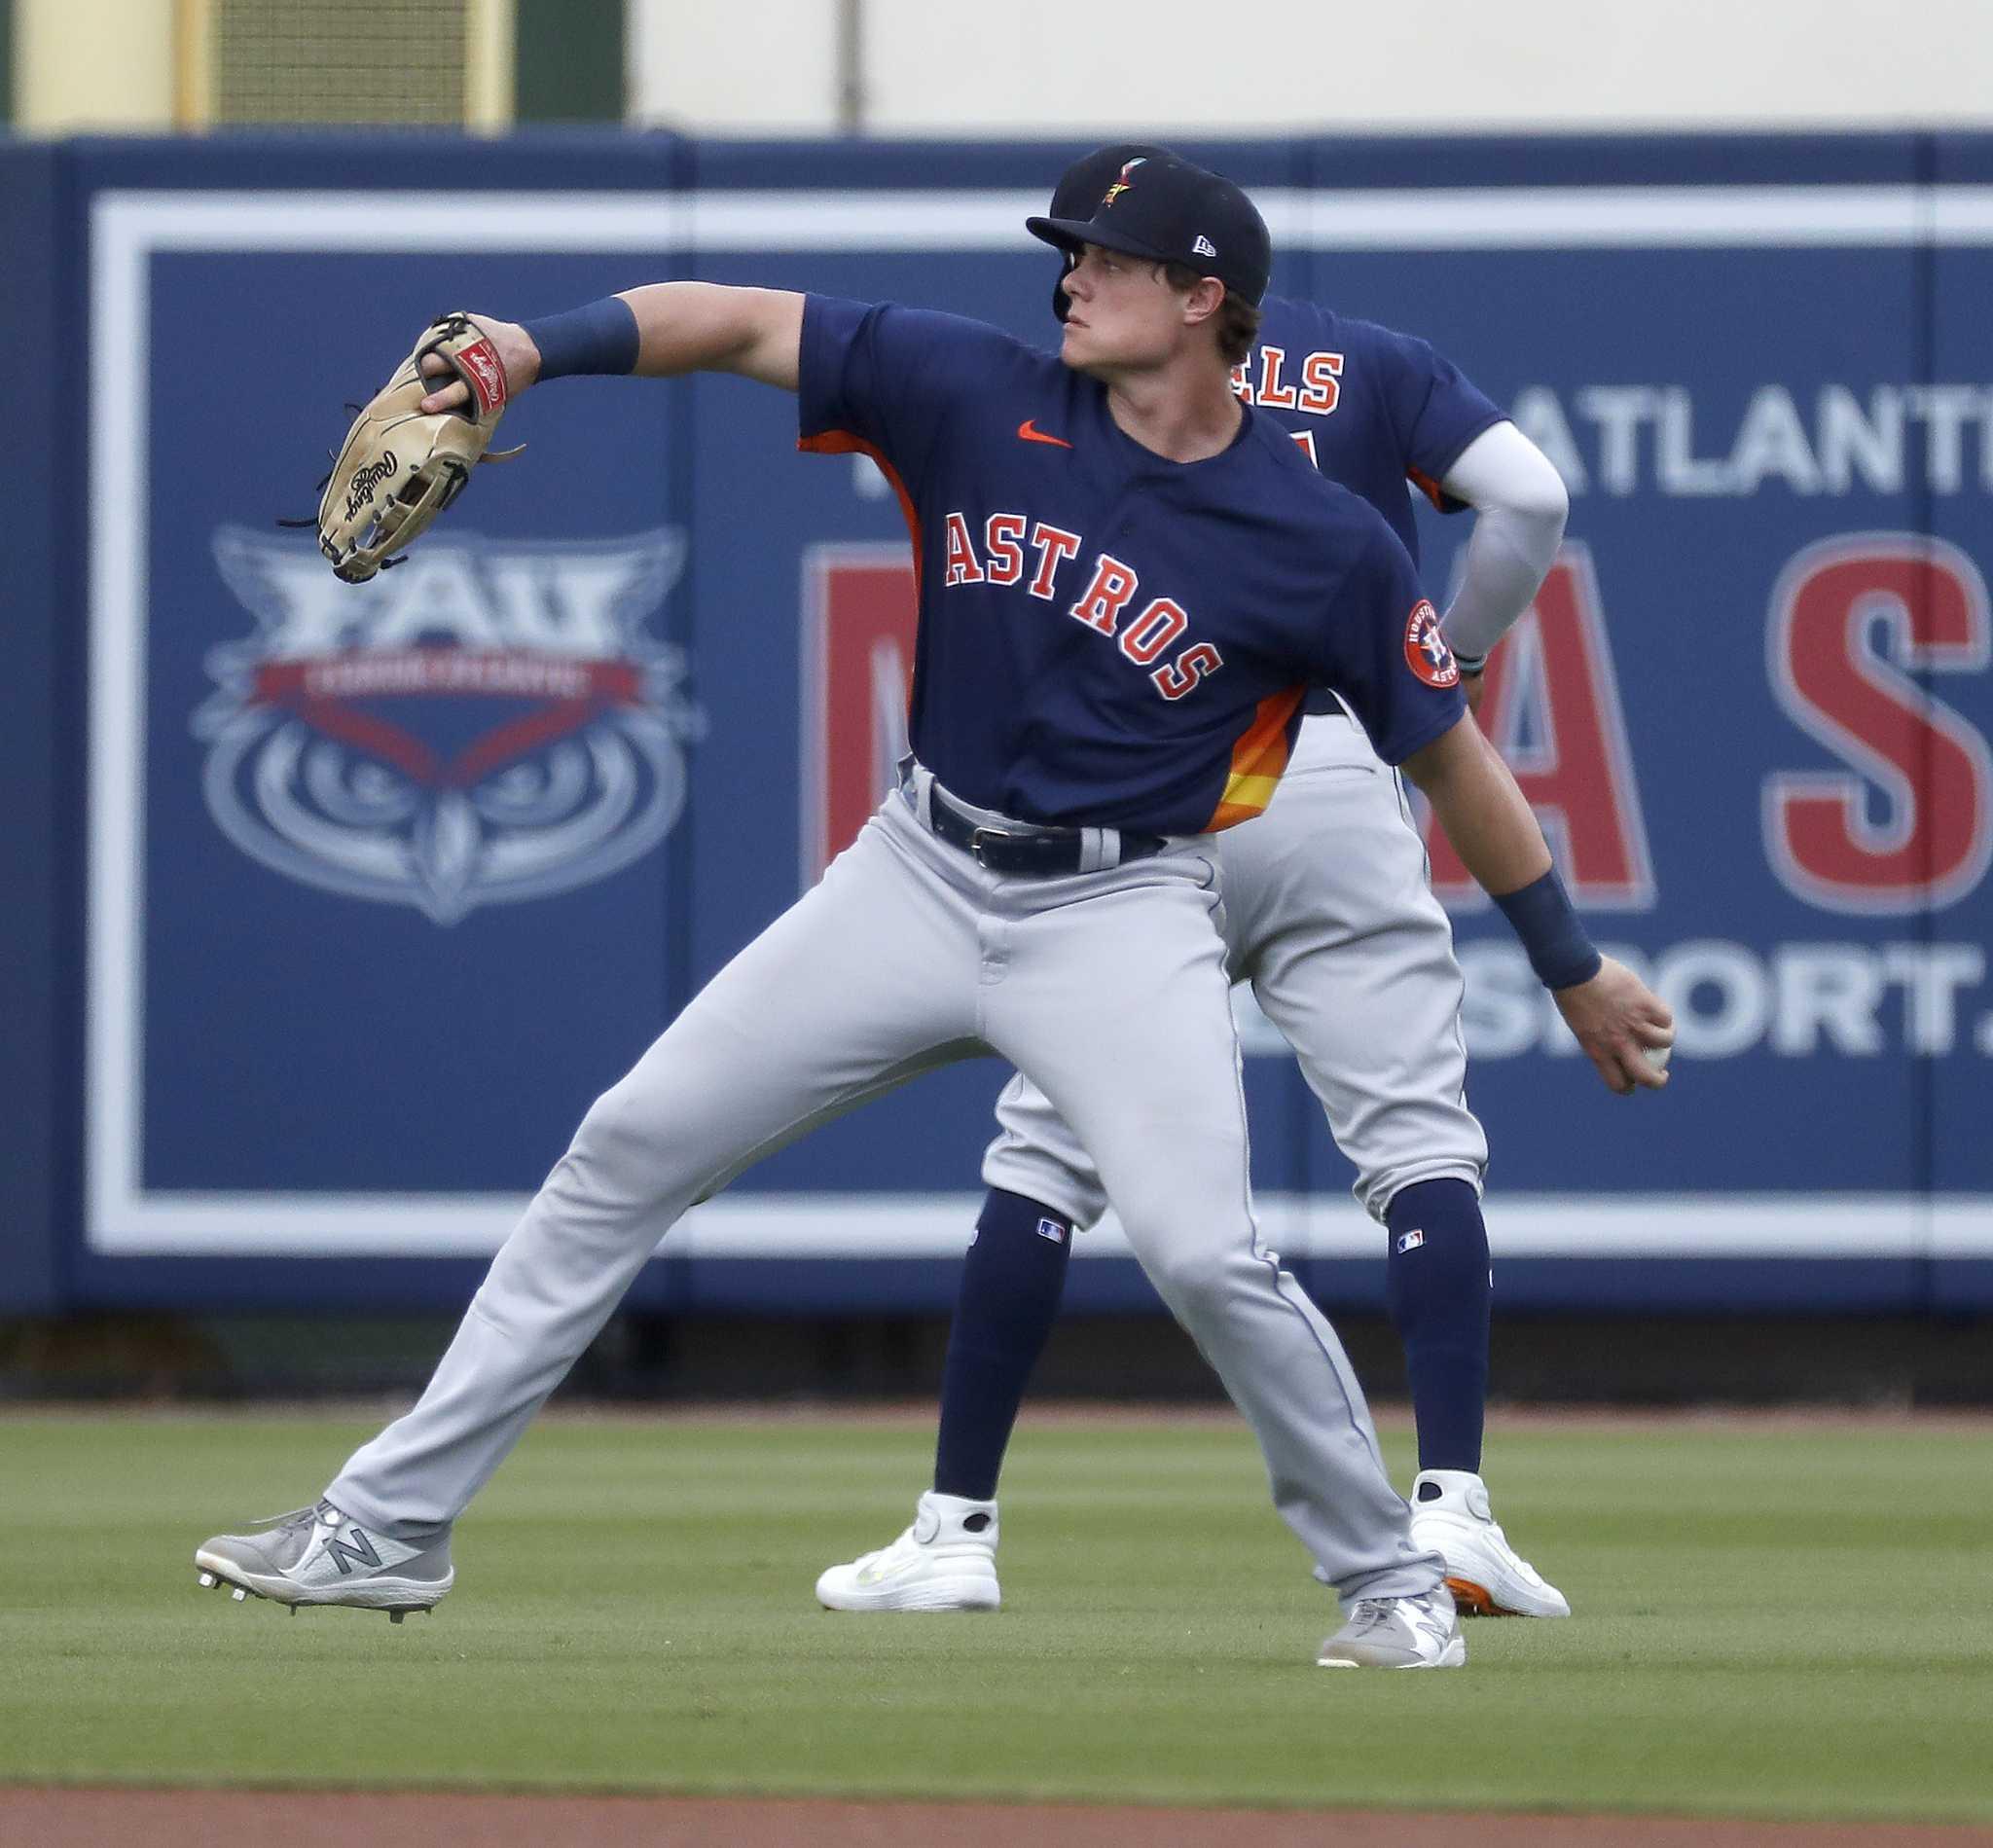 Jake Meyers soaks up promotion to Astros - Houston Chronicle